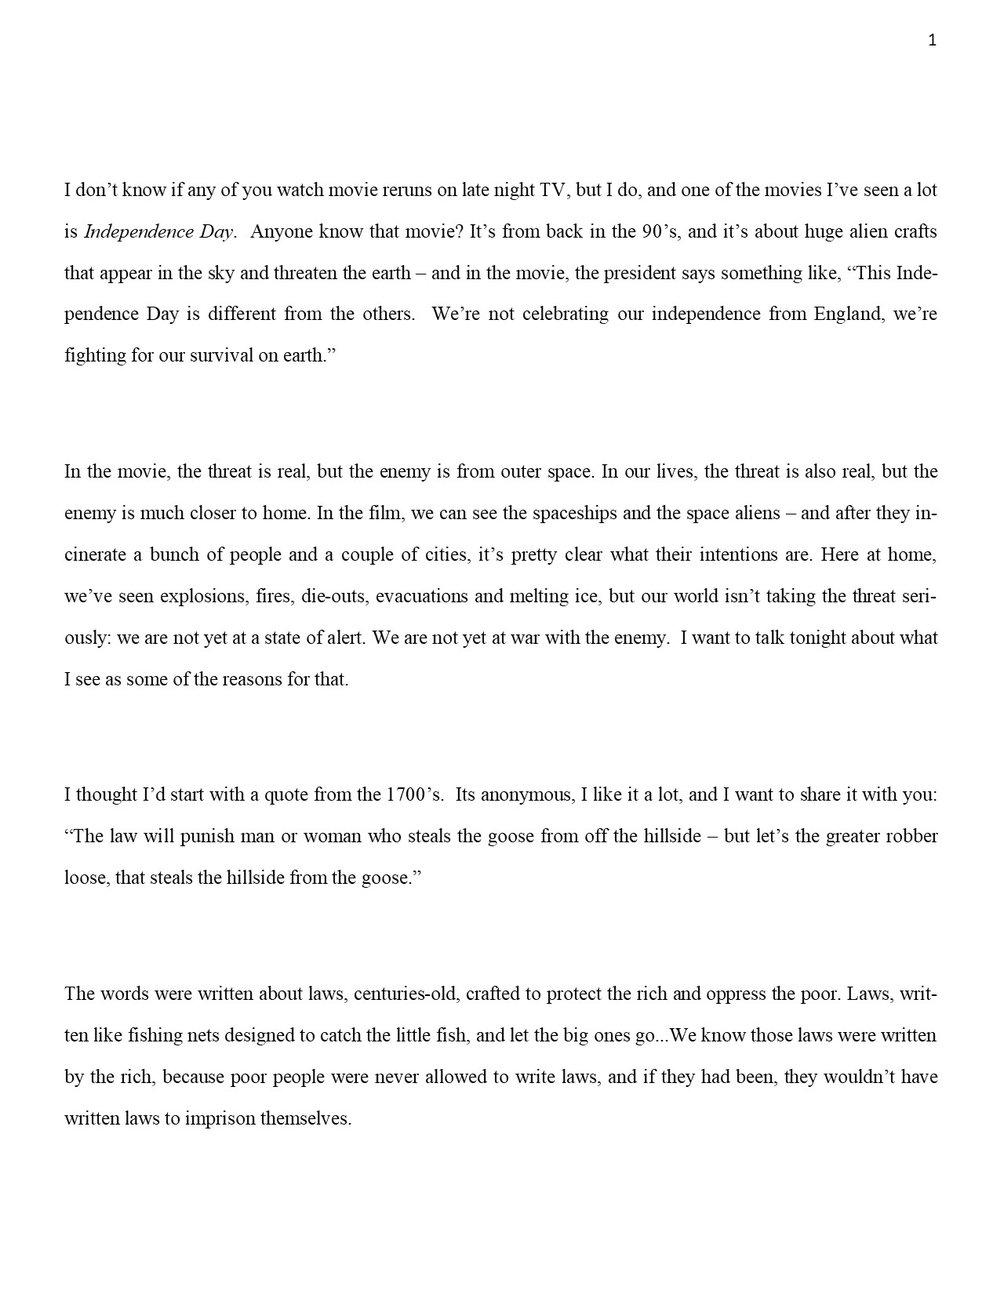 Story of a Hillside - Sabina Virgo (Prose, Essay)-1.jpg